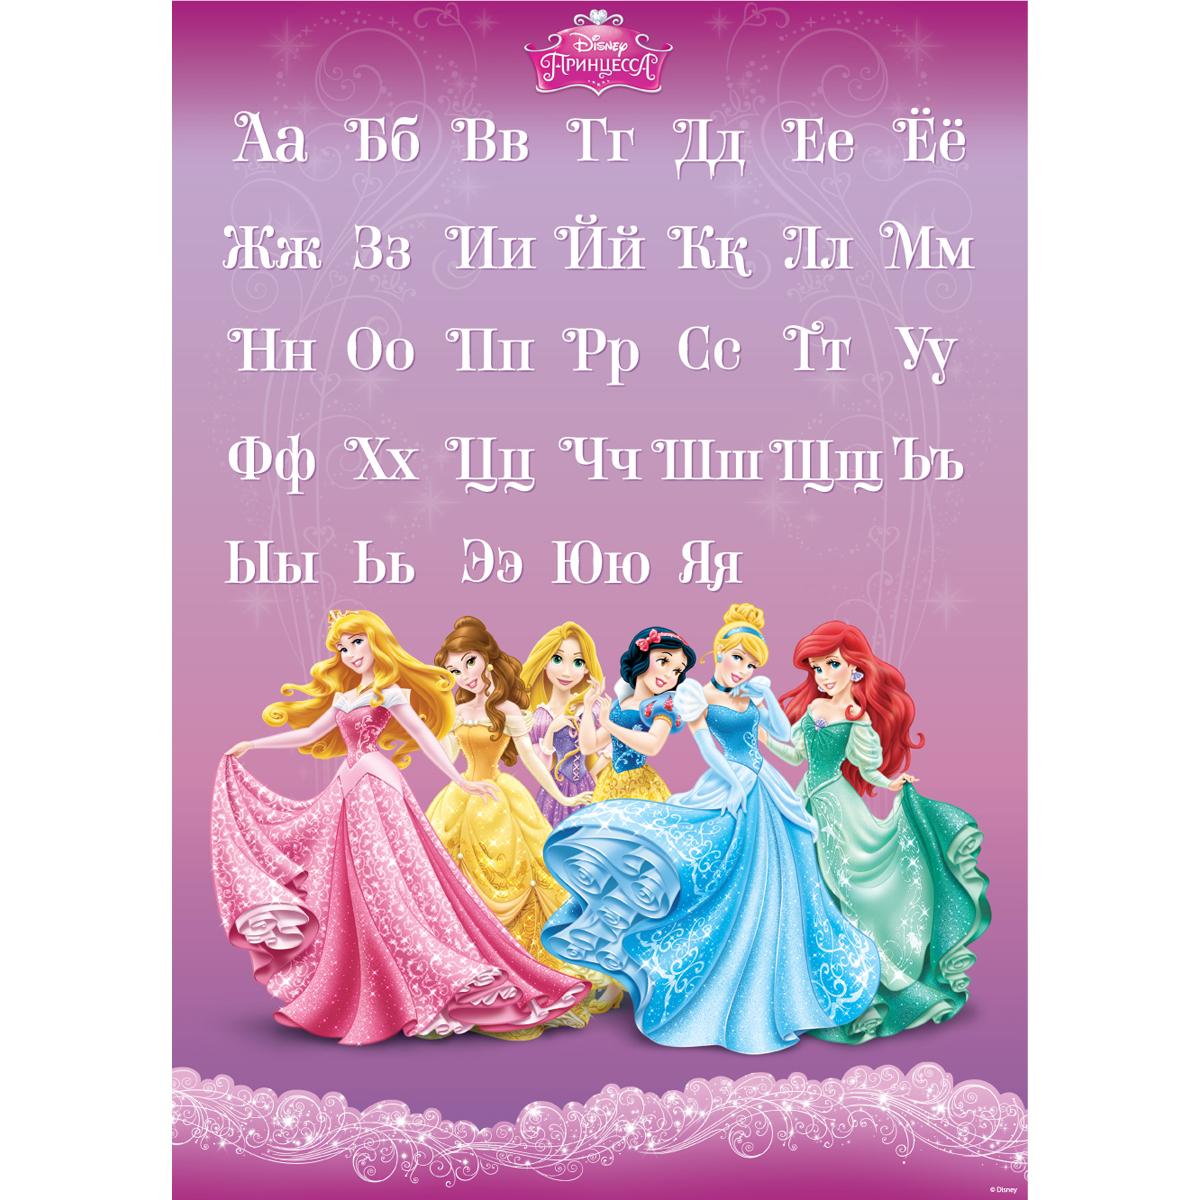 Decoretto Наклейка Русский алфавит ПринцессыLD 4022 ДекорНаклейка Decoretto Русский алфавит. Принцессы выполнена из винила и оформлена изображением диснеевских принцесс. С ней процесс обучения ребенка русскому алфавиту пройдет намного веселее. Особенности наклейки: - cъемная и многоразовая (не оставляет следов); - водостойкая; - безопасна для окрашенных стен; - матовое исполнение; - нетоксичный, экологически чистый материал; - поставляется с инструкцией; - держится на поверхности не менее 3 лет. Подходит для следующих поверхностей: дерево, плитка, металл, стекло, обои, пластик.